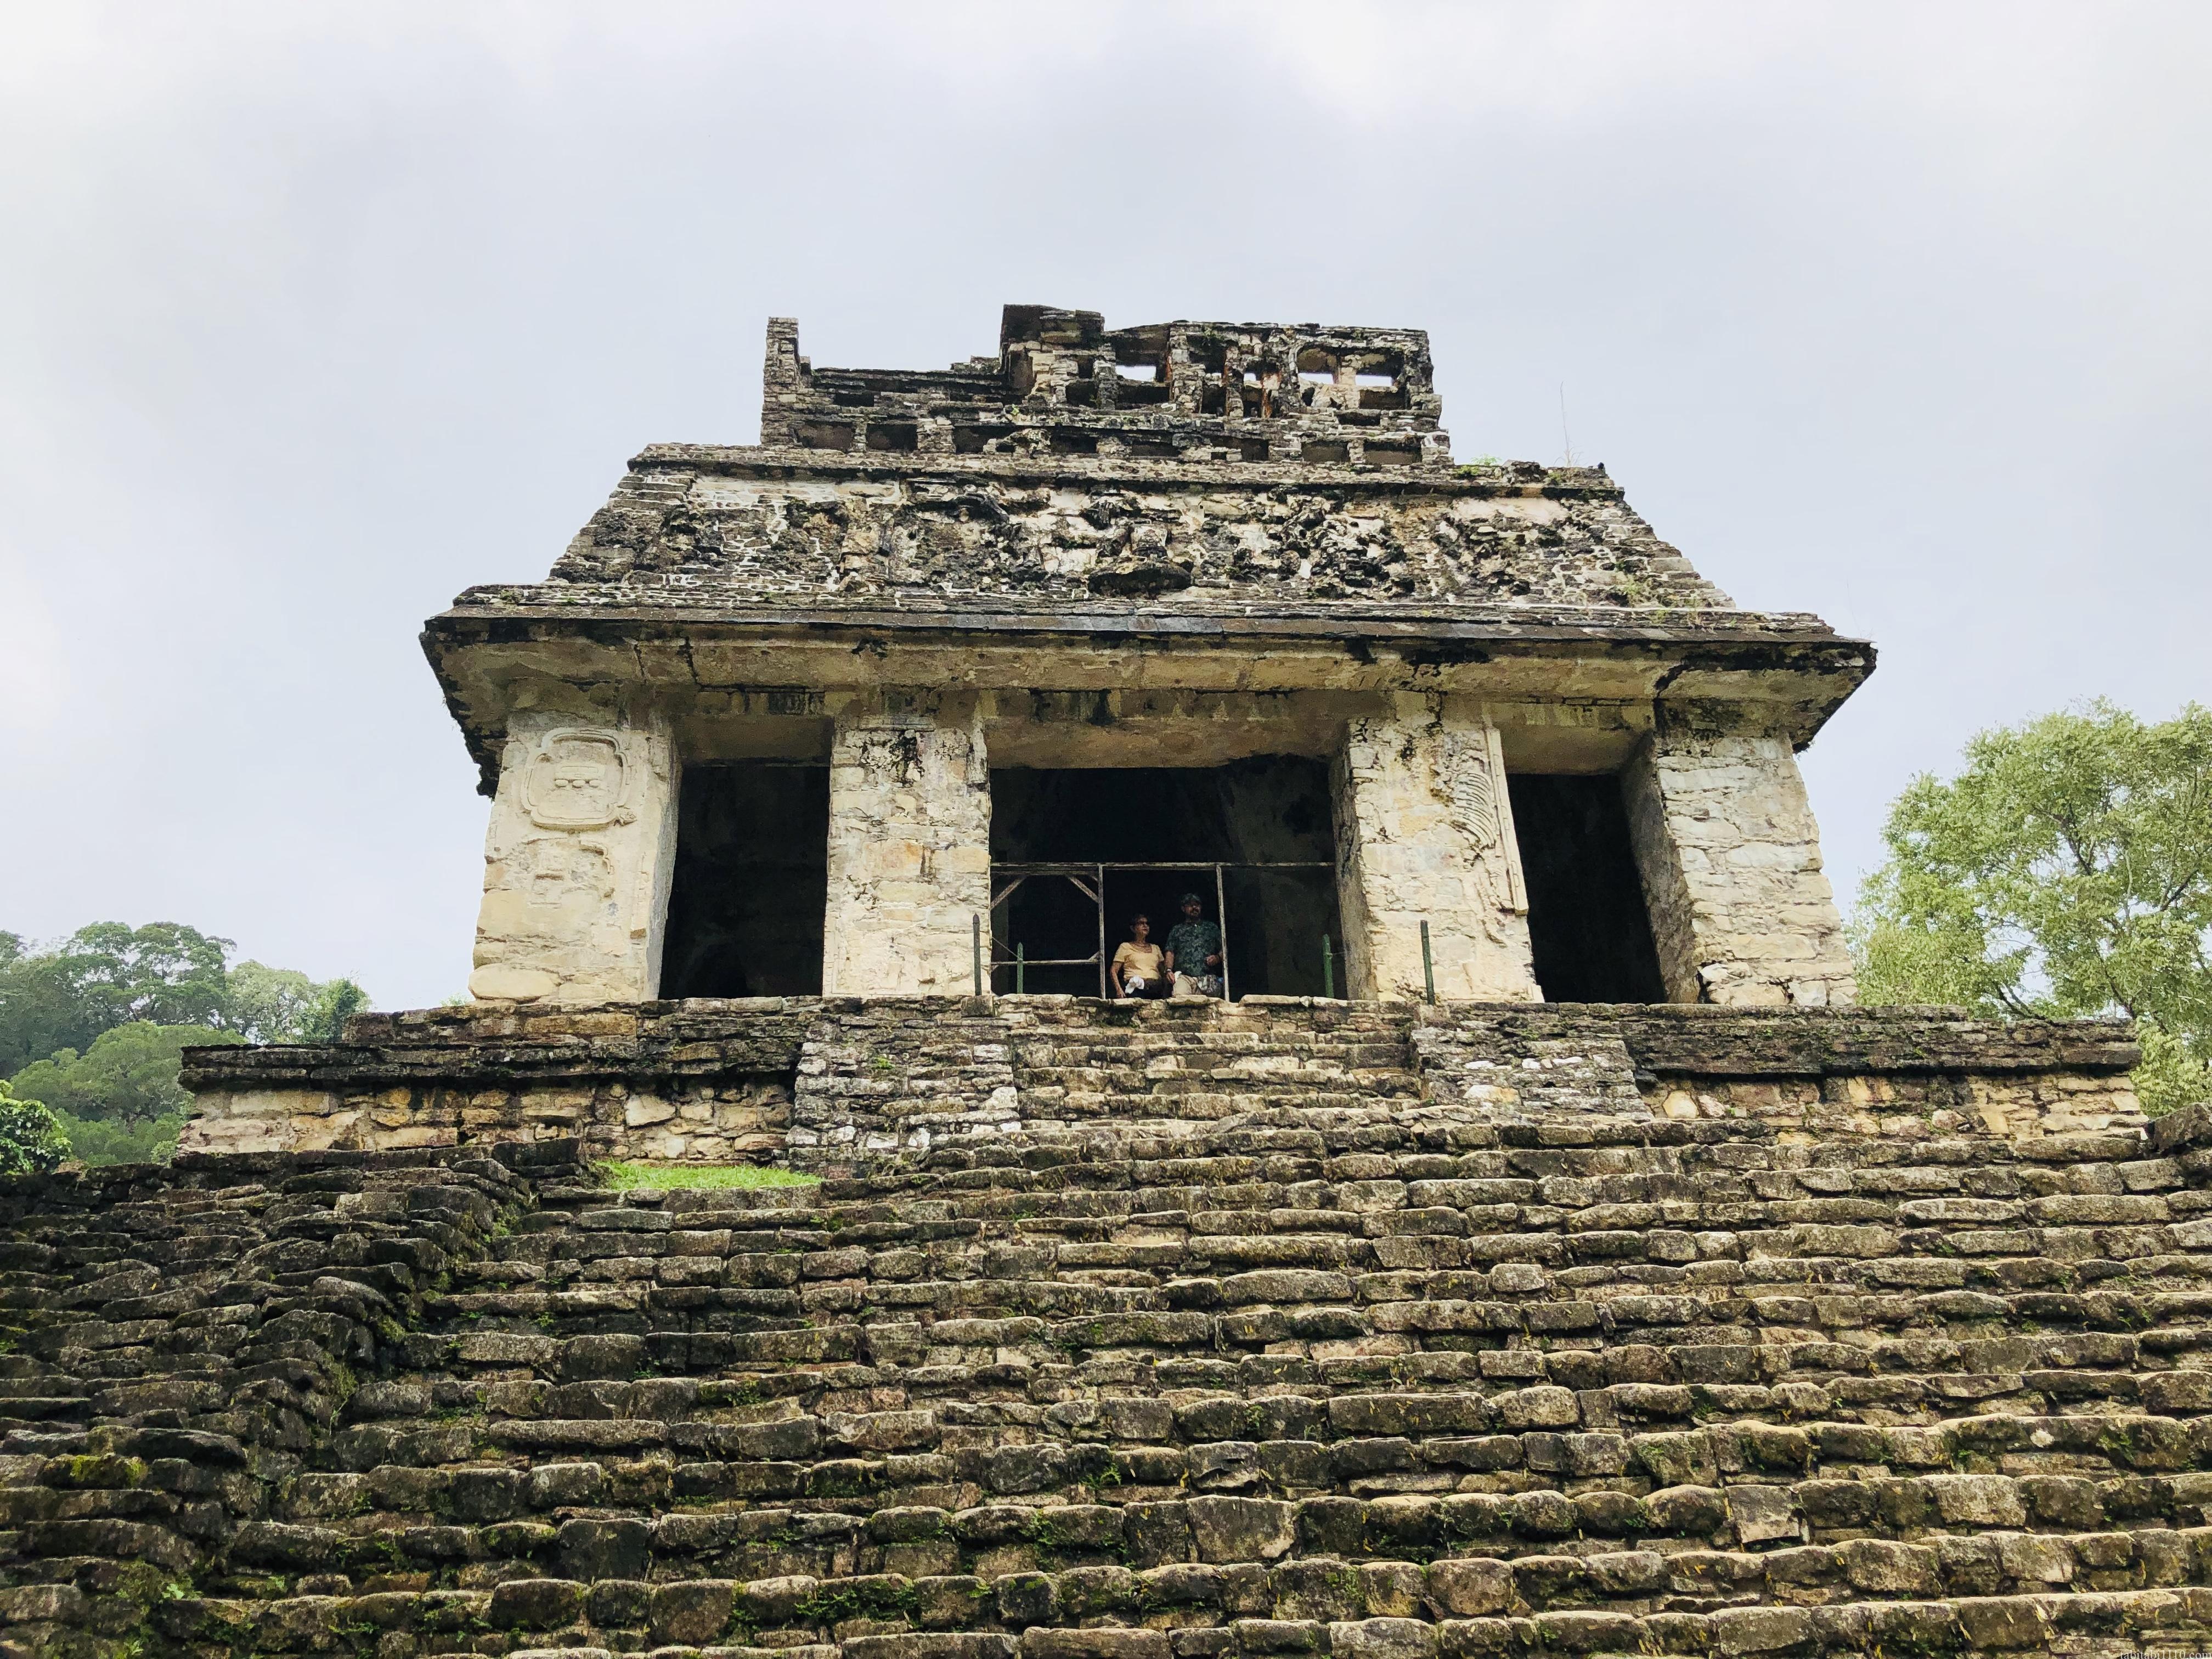 パレンケ遺跡|太陽の神殿